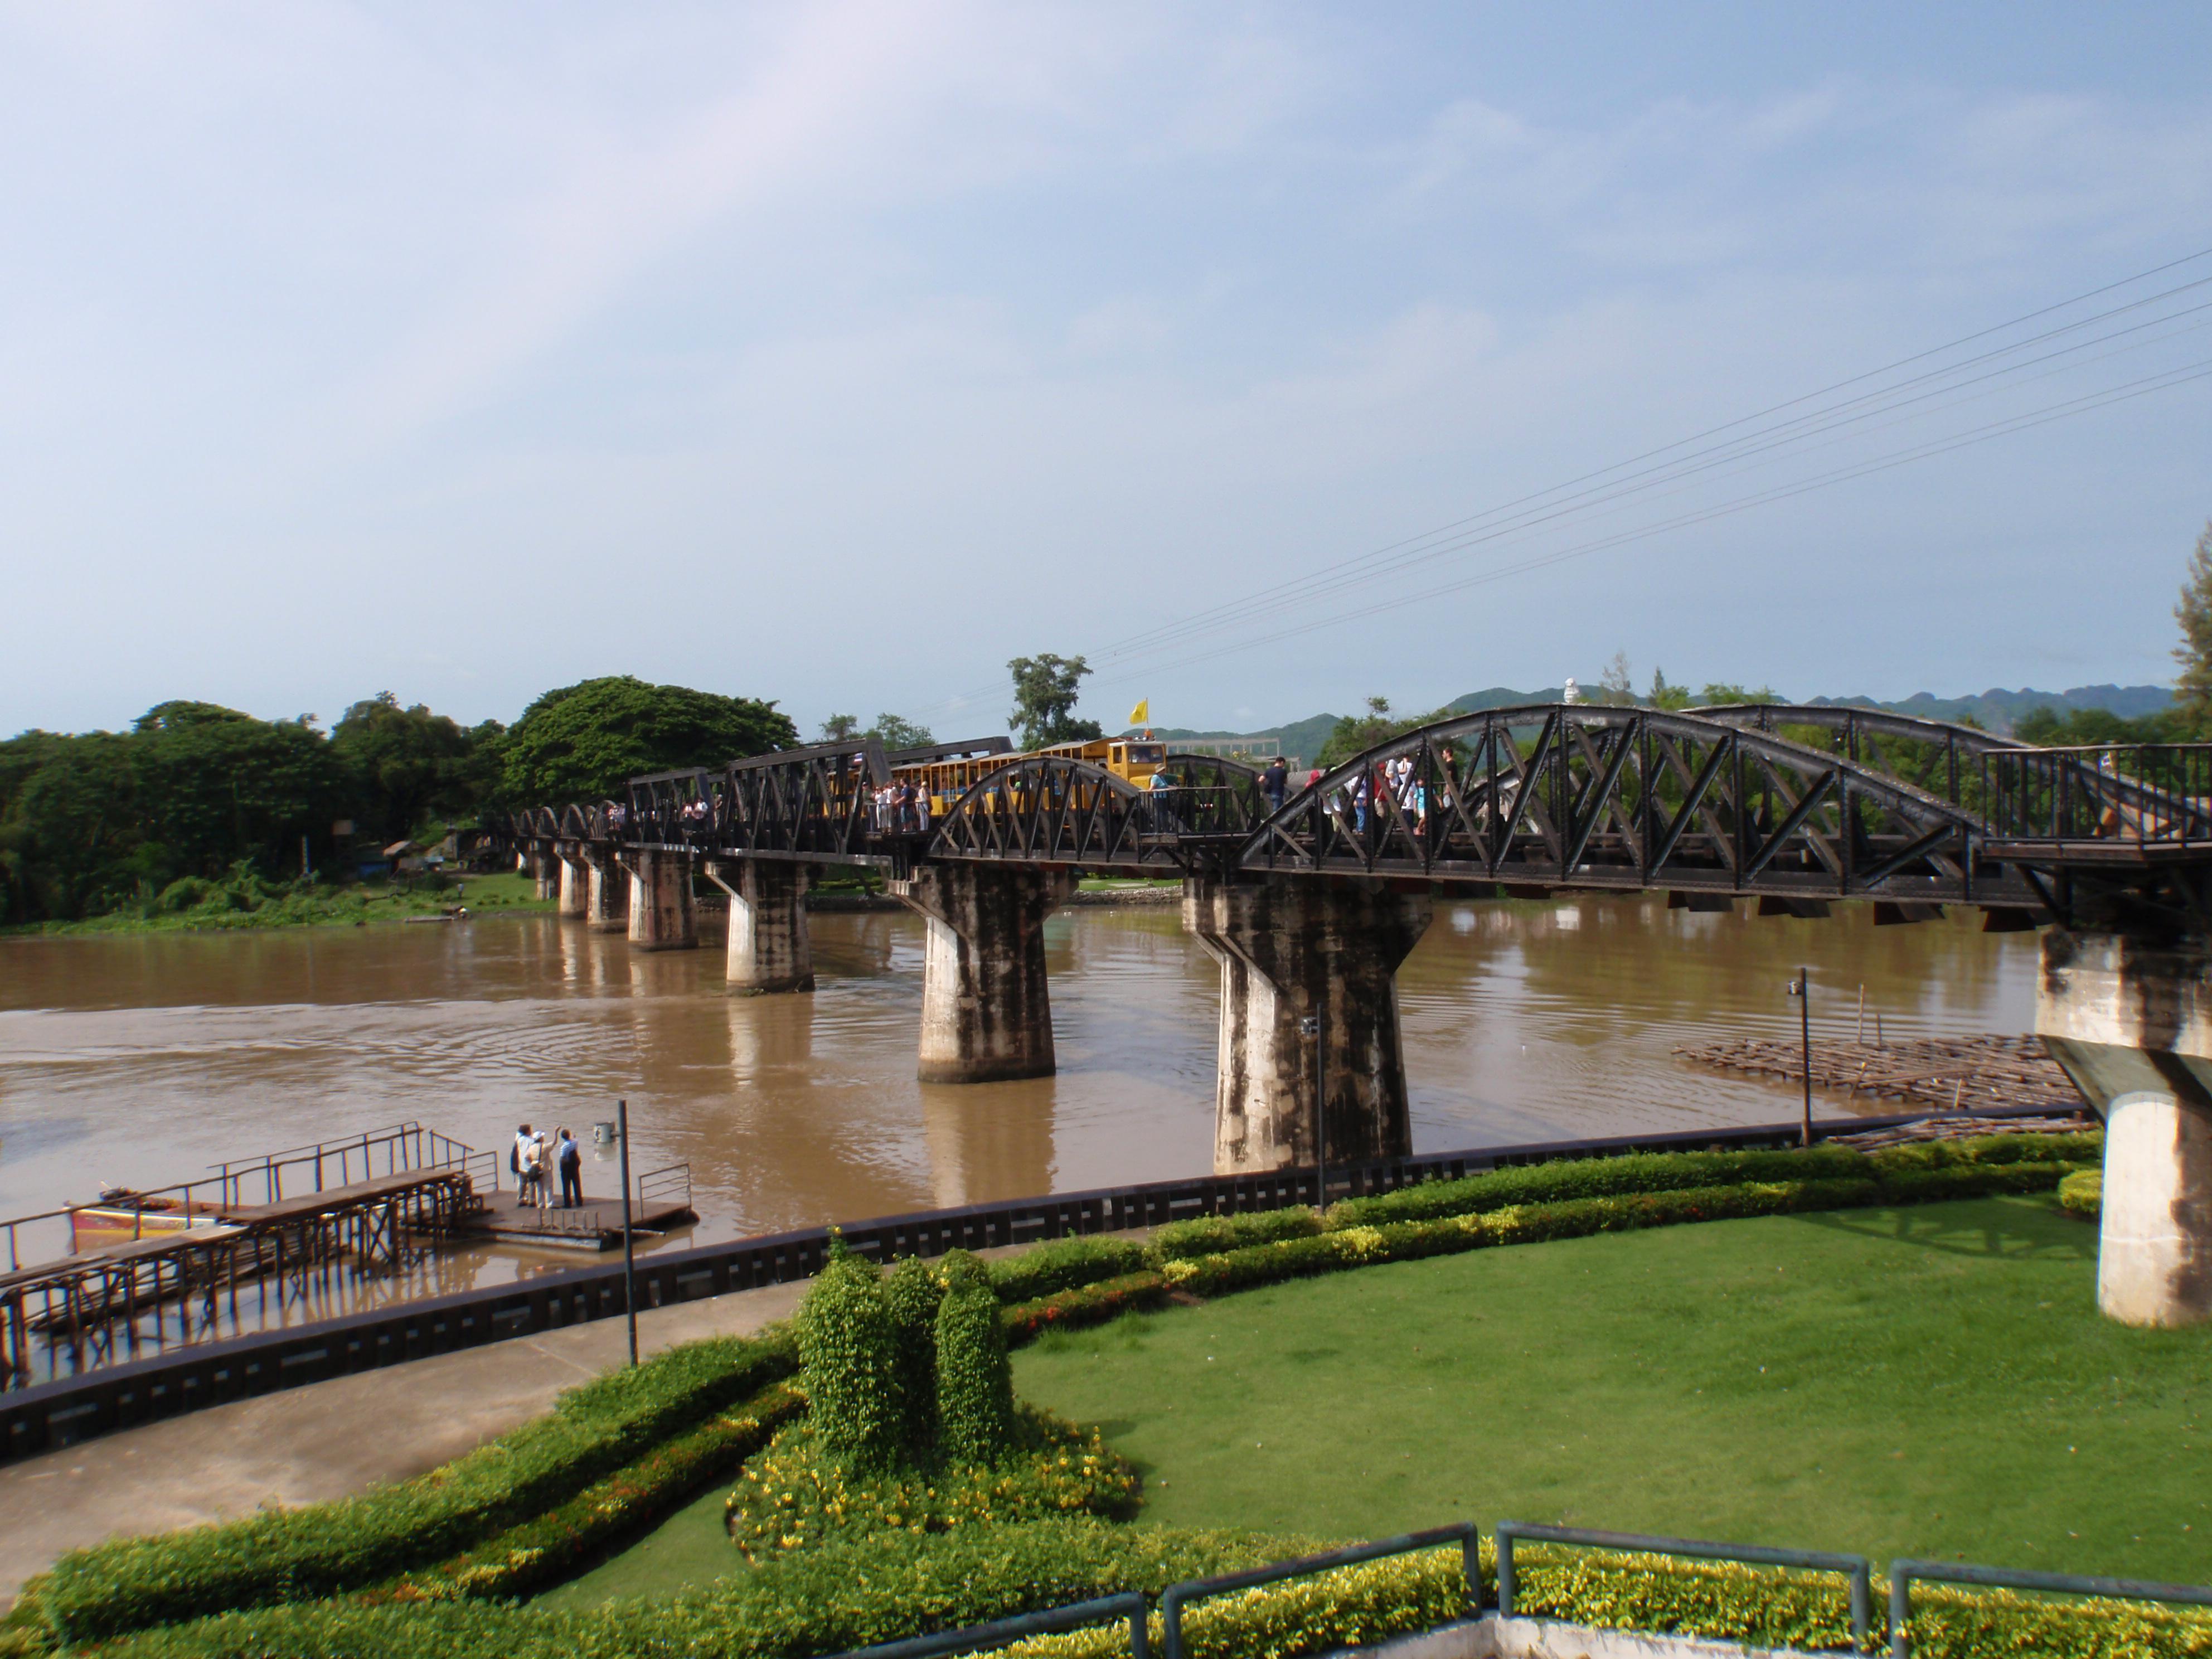 Bridge over the rive Kwai